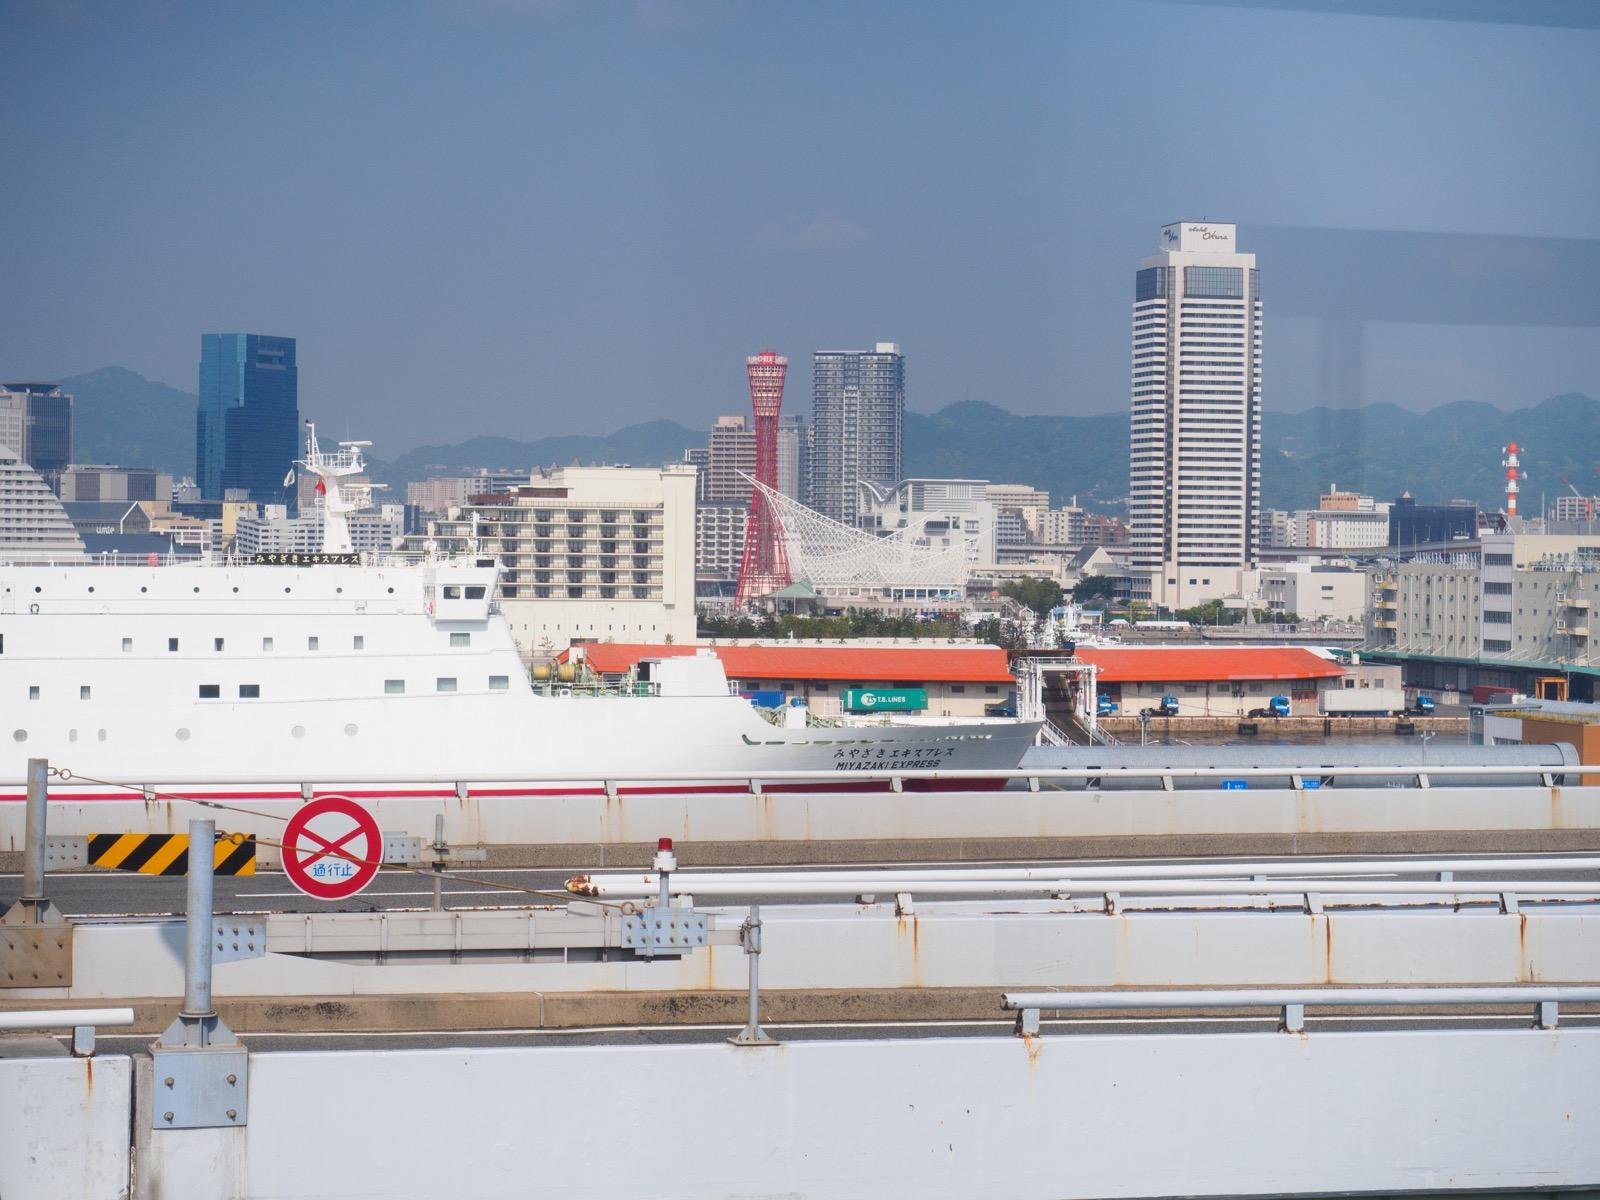 ポートターミナル駅から見える神戸の街並み